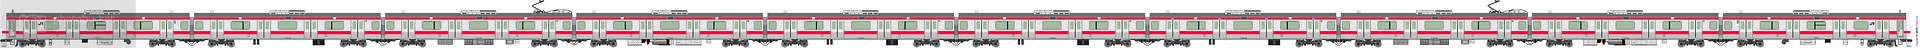 [5541] East Japan Railway 1941